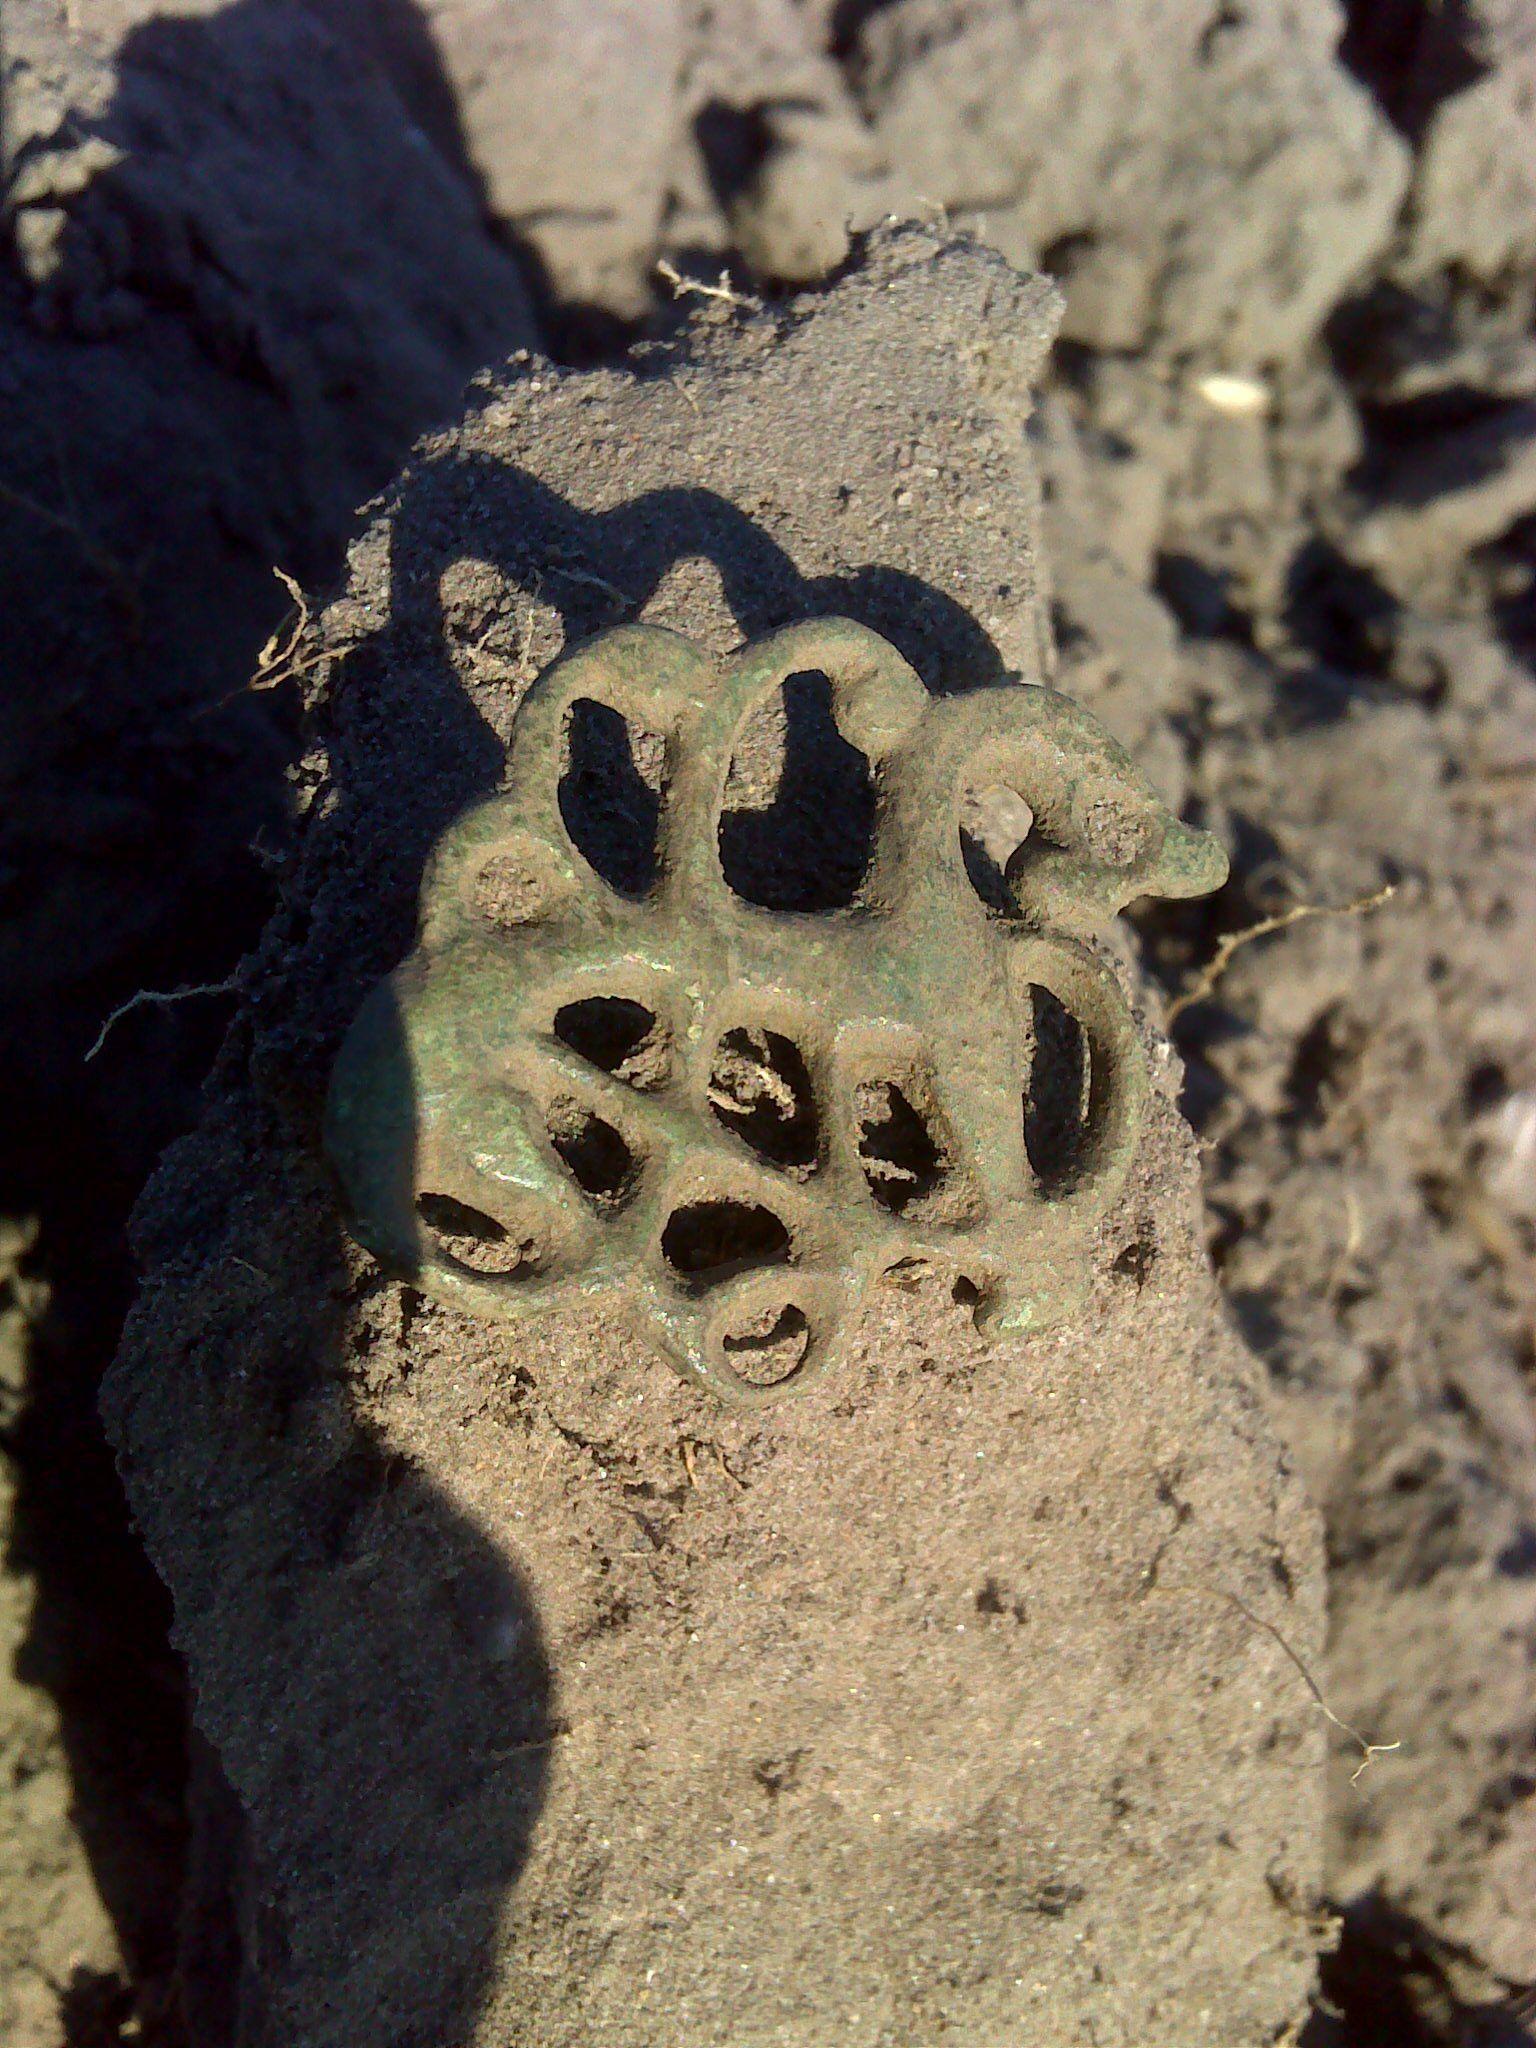 Urnesfibel urnes brooch middelalder medieval